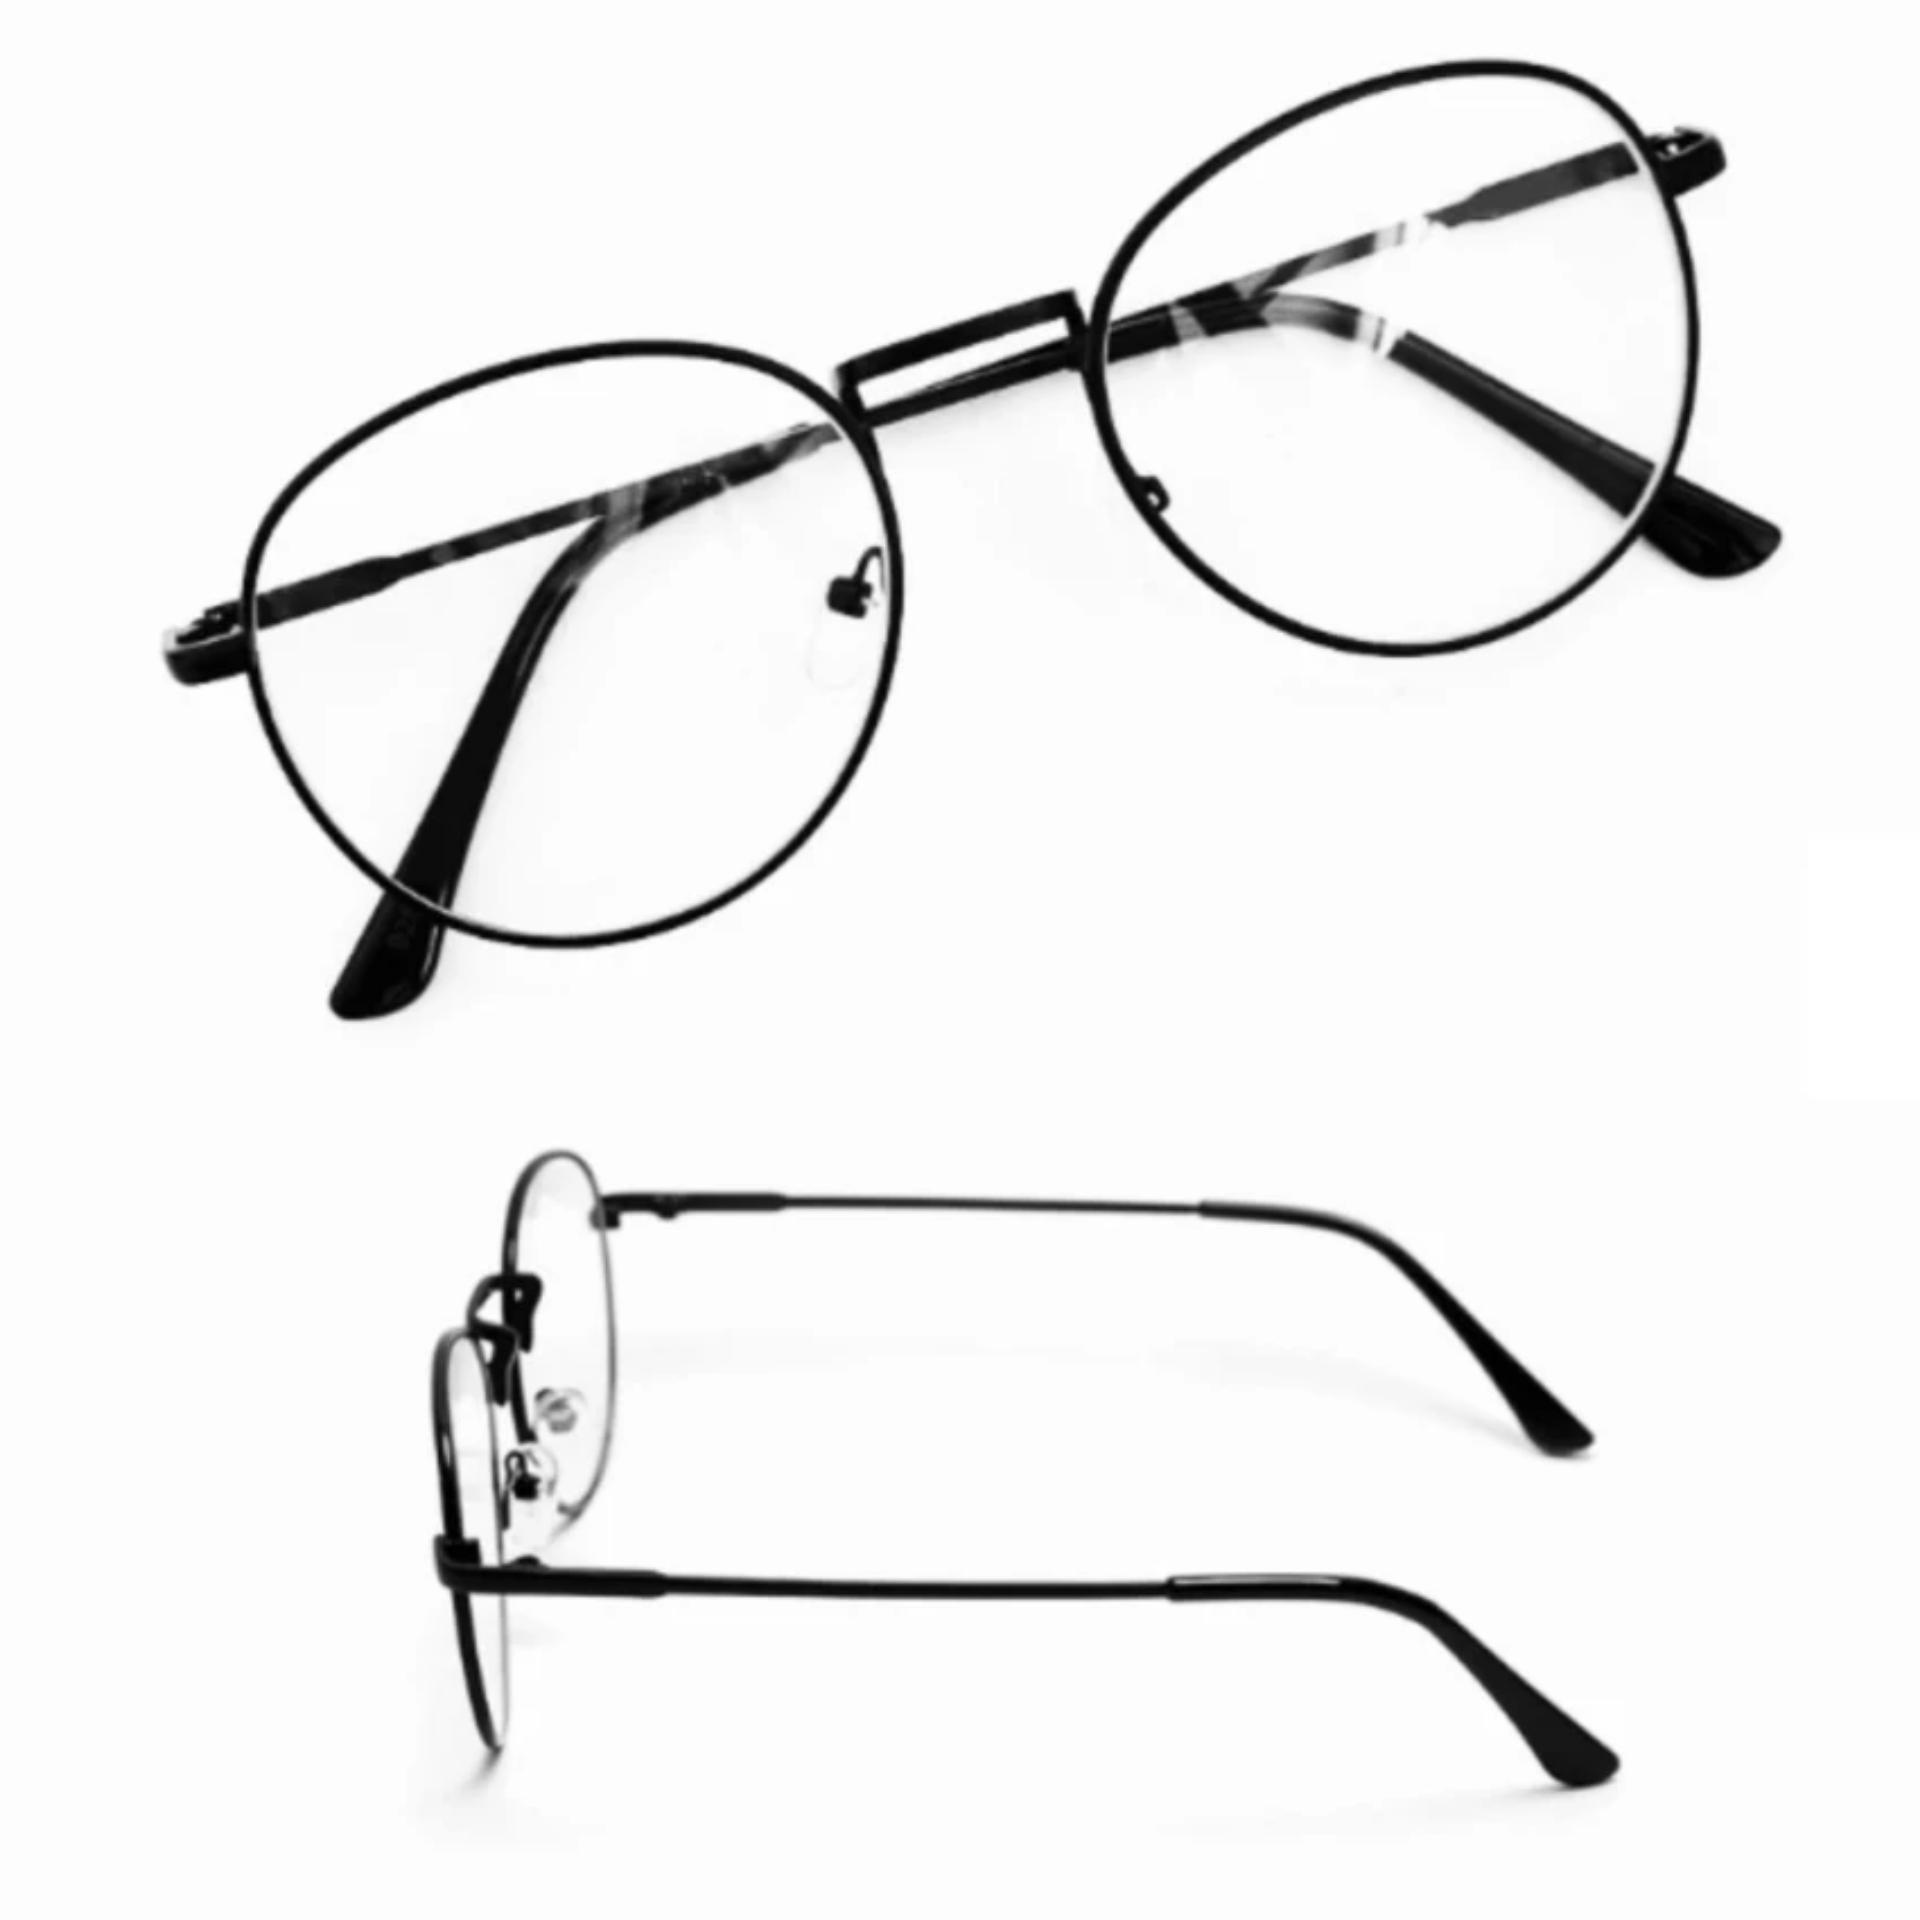 Giá bán Bộ đôi mắt kính ngố thời trang cao cấp PGH-01 (đen)